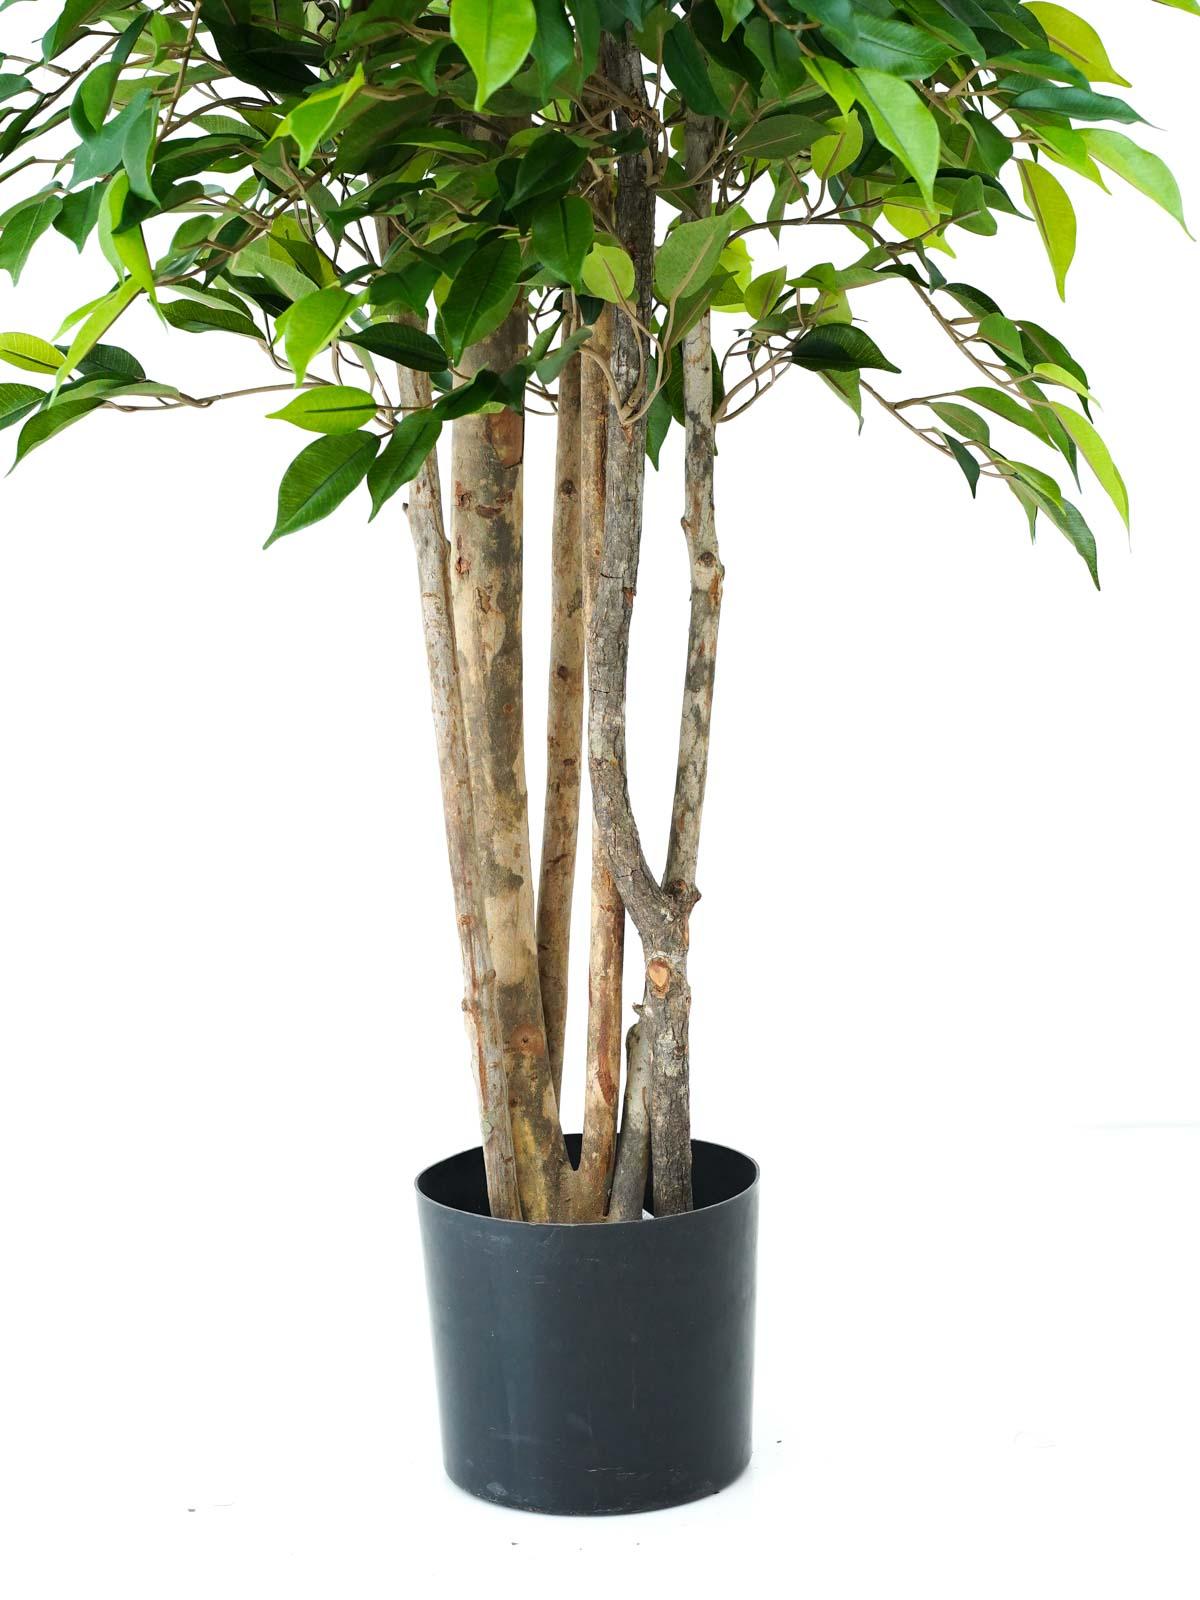 شجرة تين نتاشا ترولبيكال - وسط Shopping